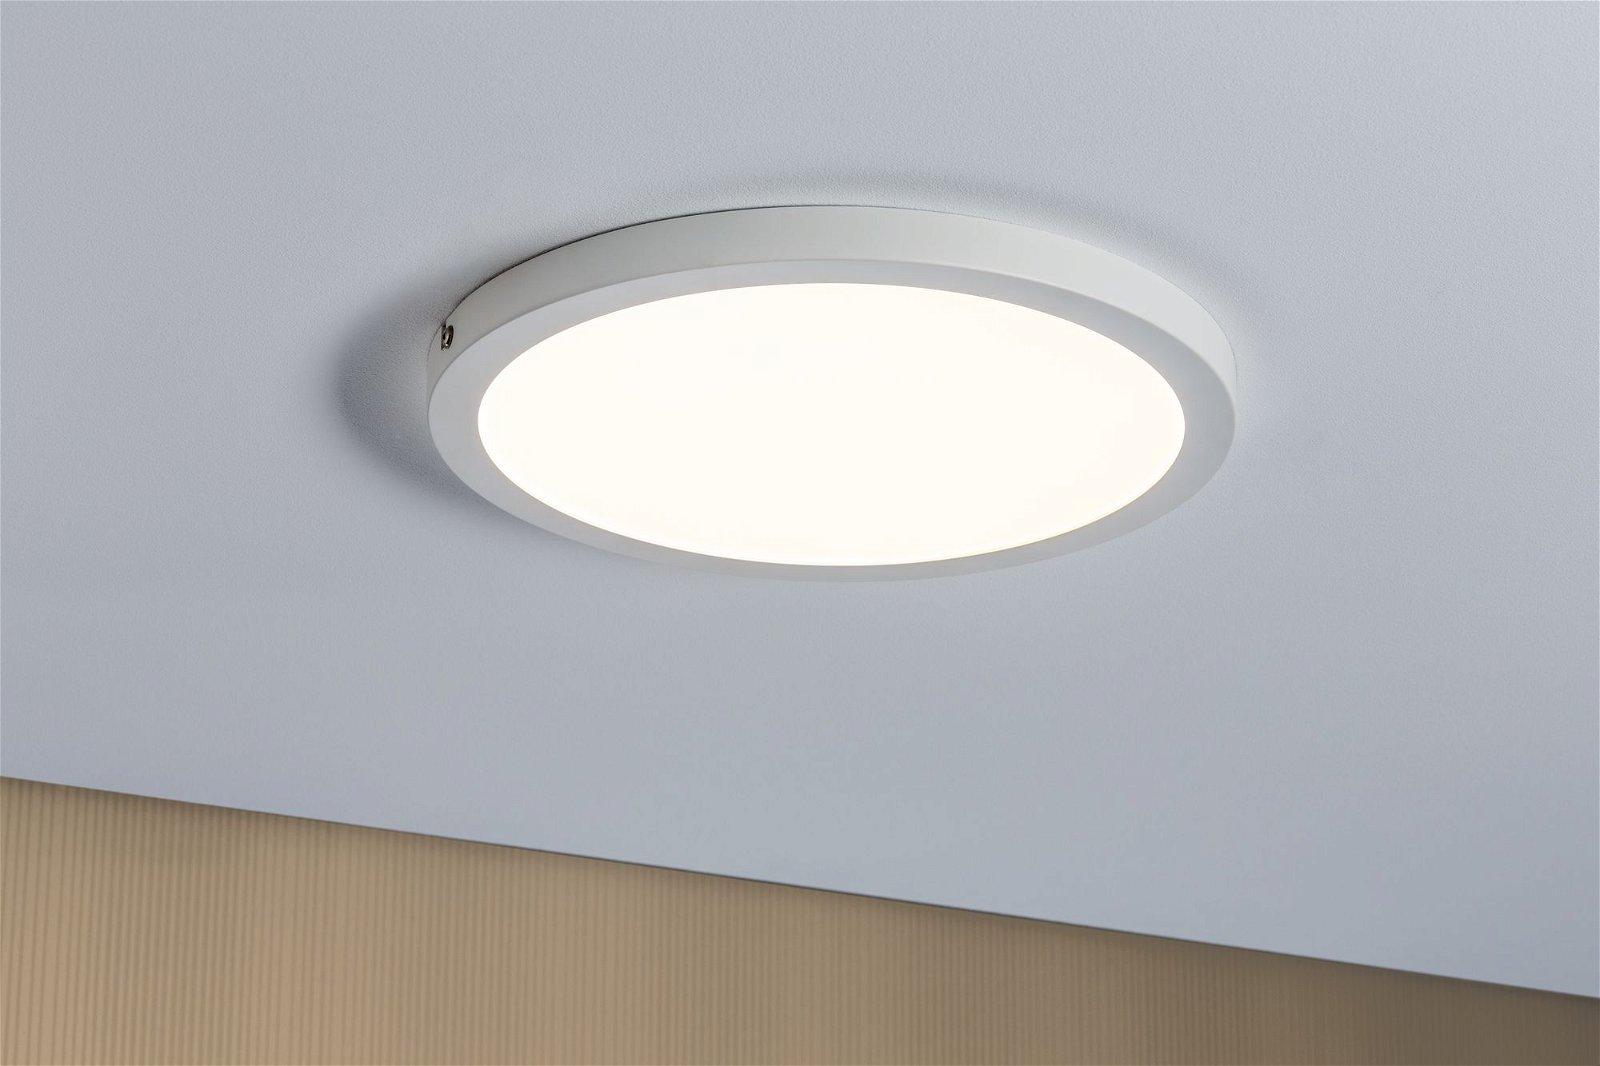 Panneau LED Atria rond 300mm 1800lm 2700K Blanc dépoli